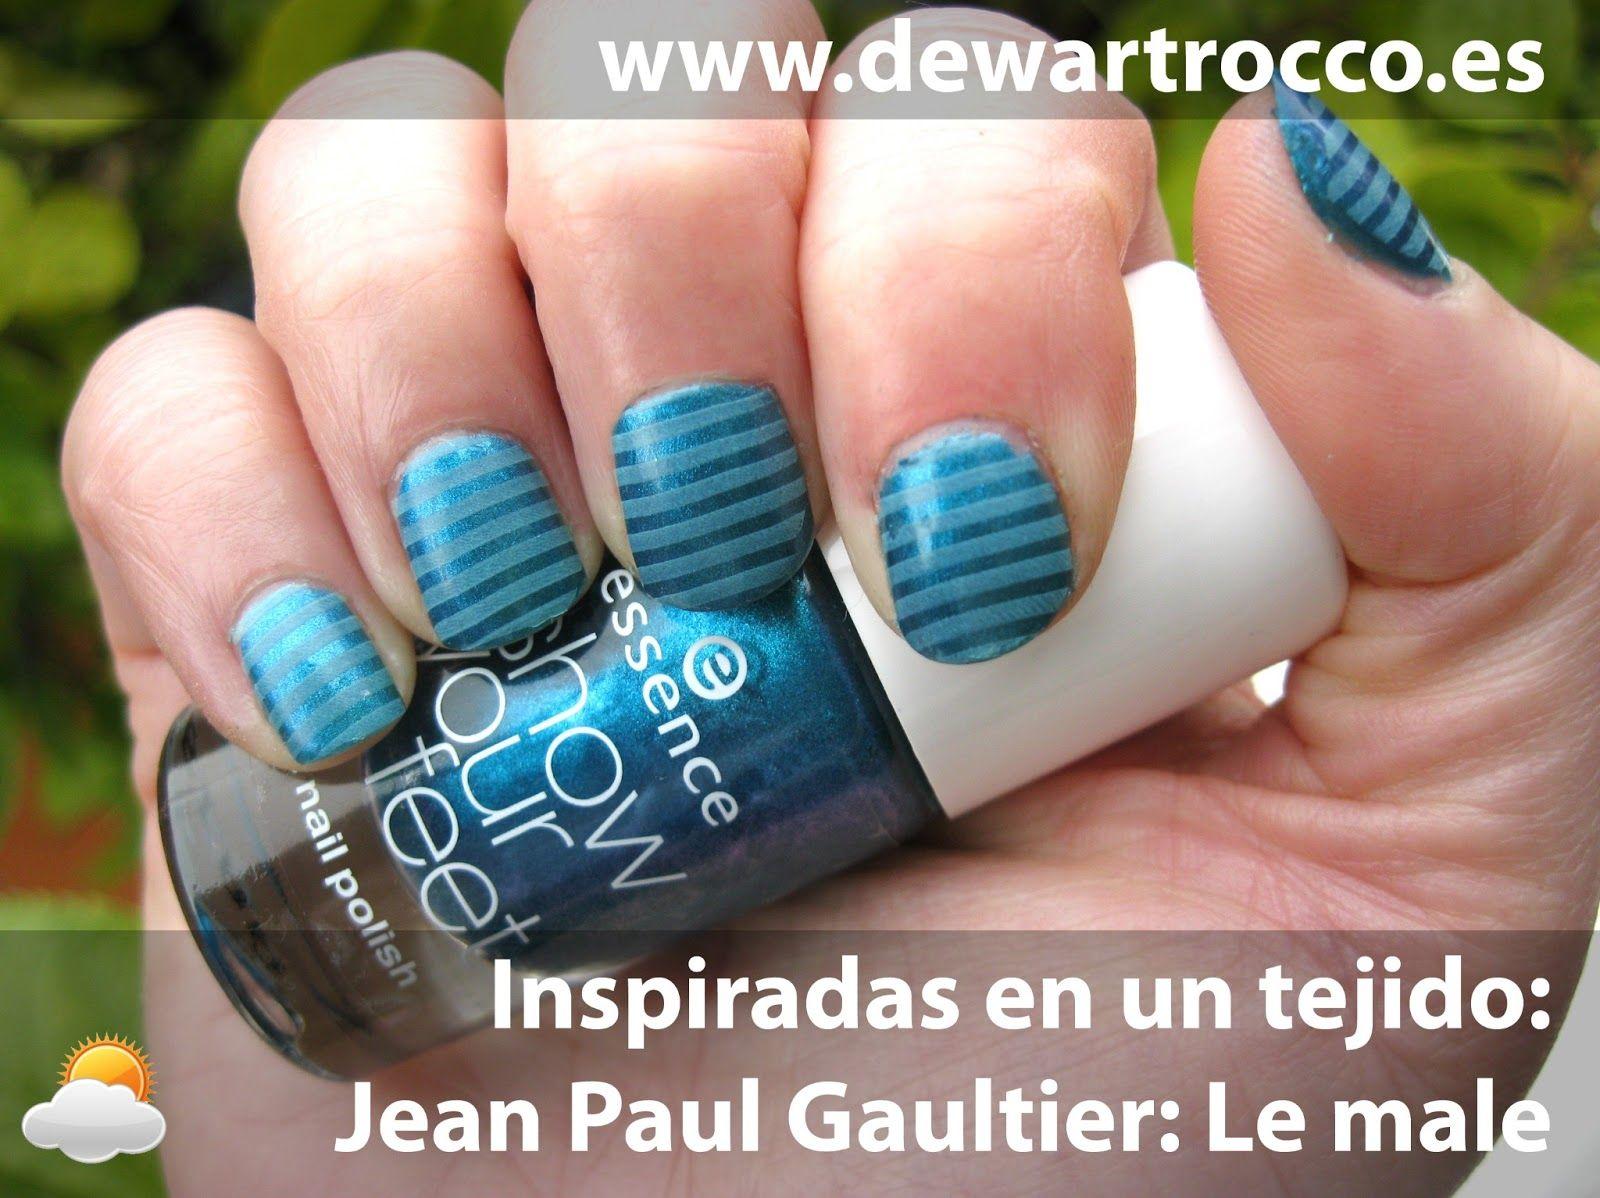 Dew Art Rocco: Día 26... Inspiradas en un estampado: Jean Paul Galtier - Le male